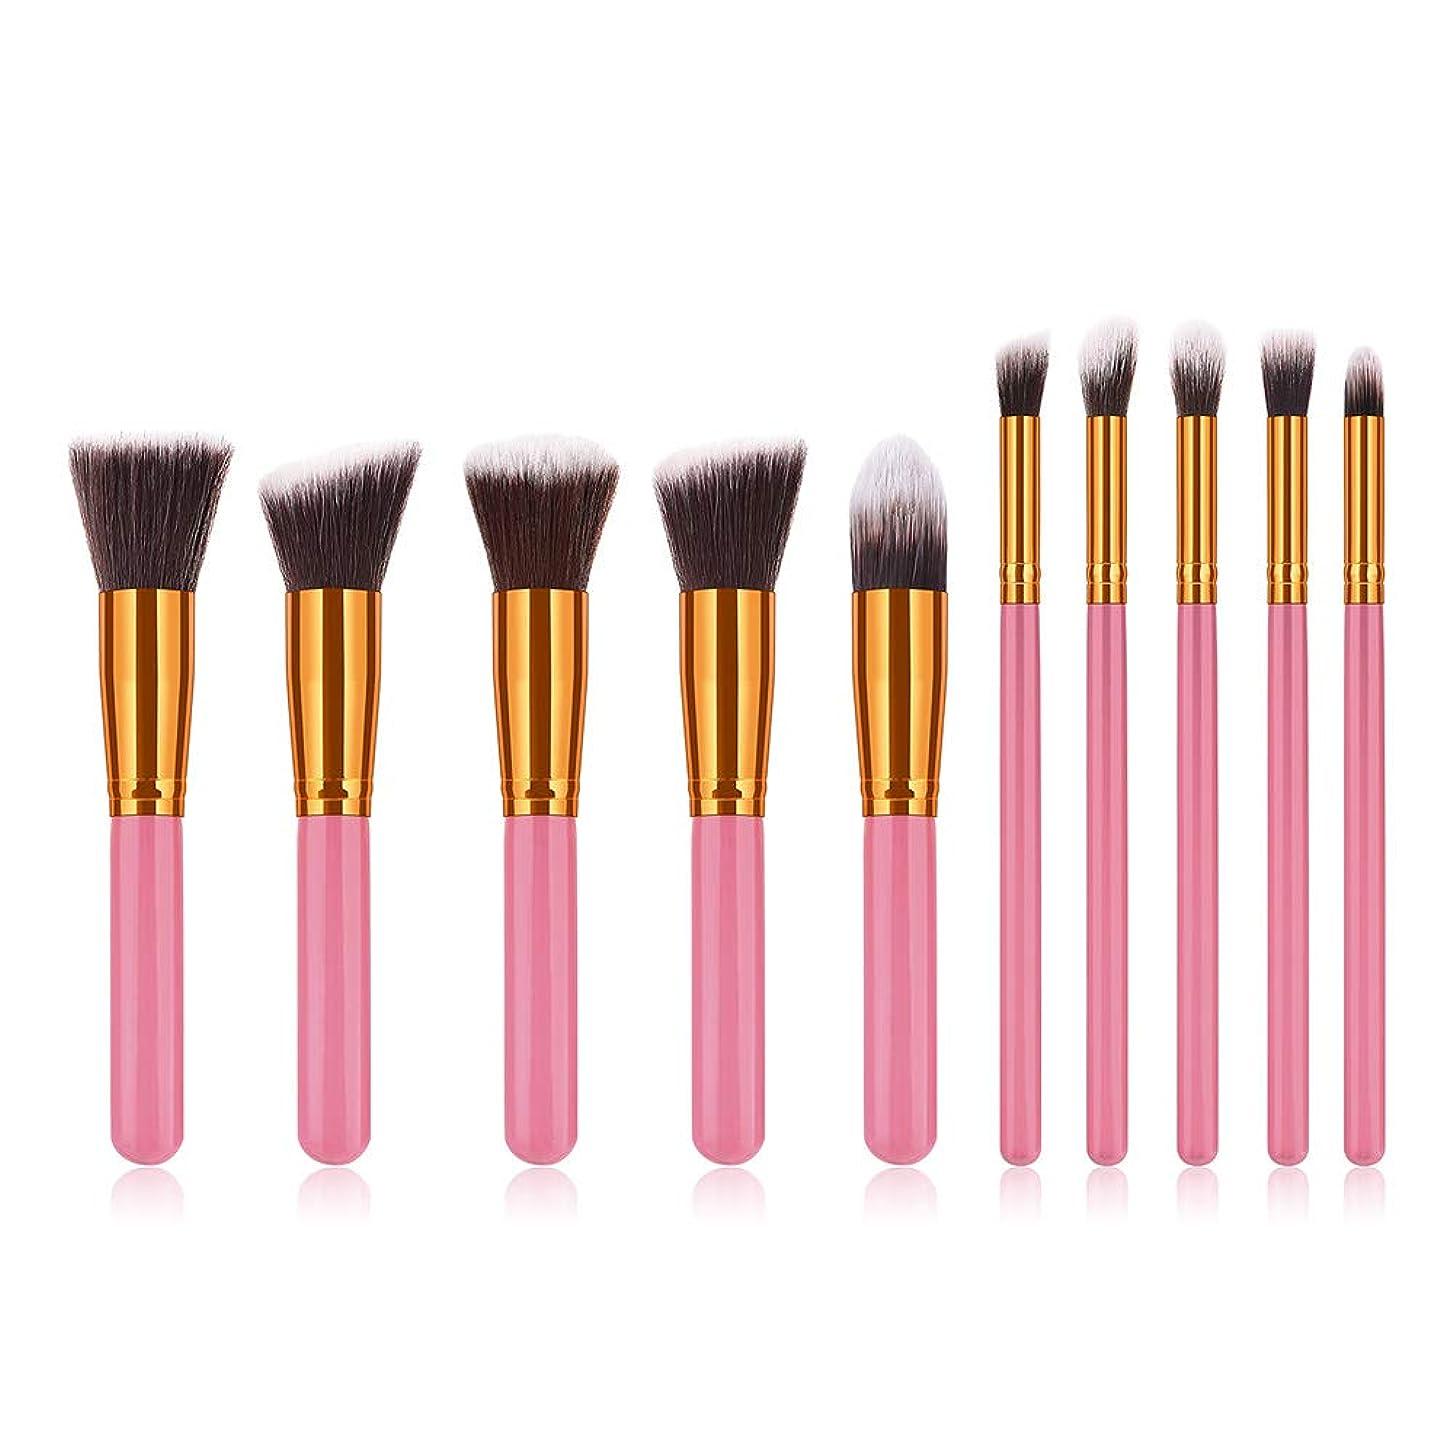 貨物マーチャンダイザー改革Echana 10本 ブラシセット ファンデーション ブラシ 高級 柔らかい 化粧筆 ピンク